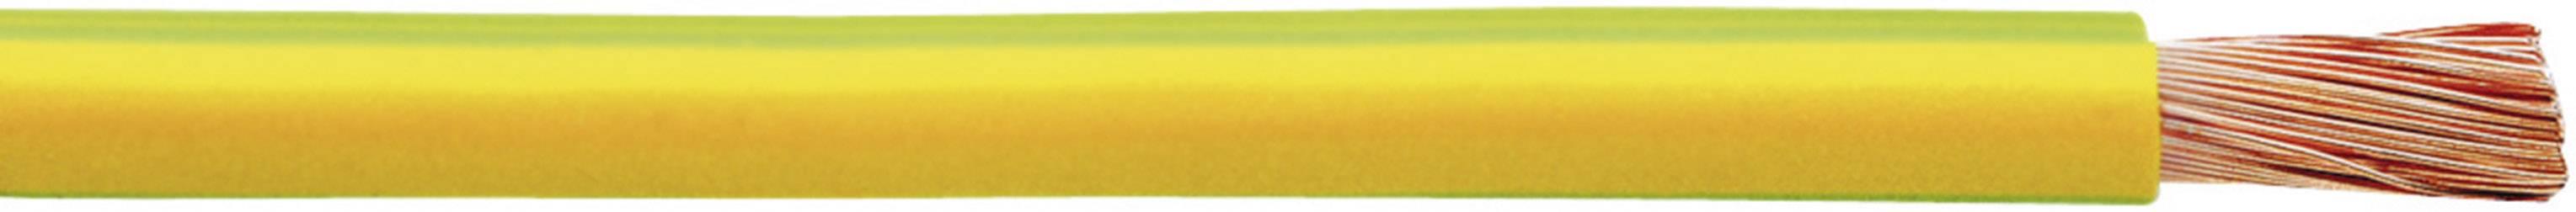 Pletenica H07V-K 1 x 2.50 mm, črna Faber Kabel 040058 100 m